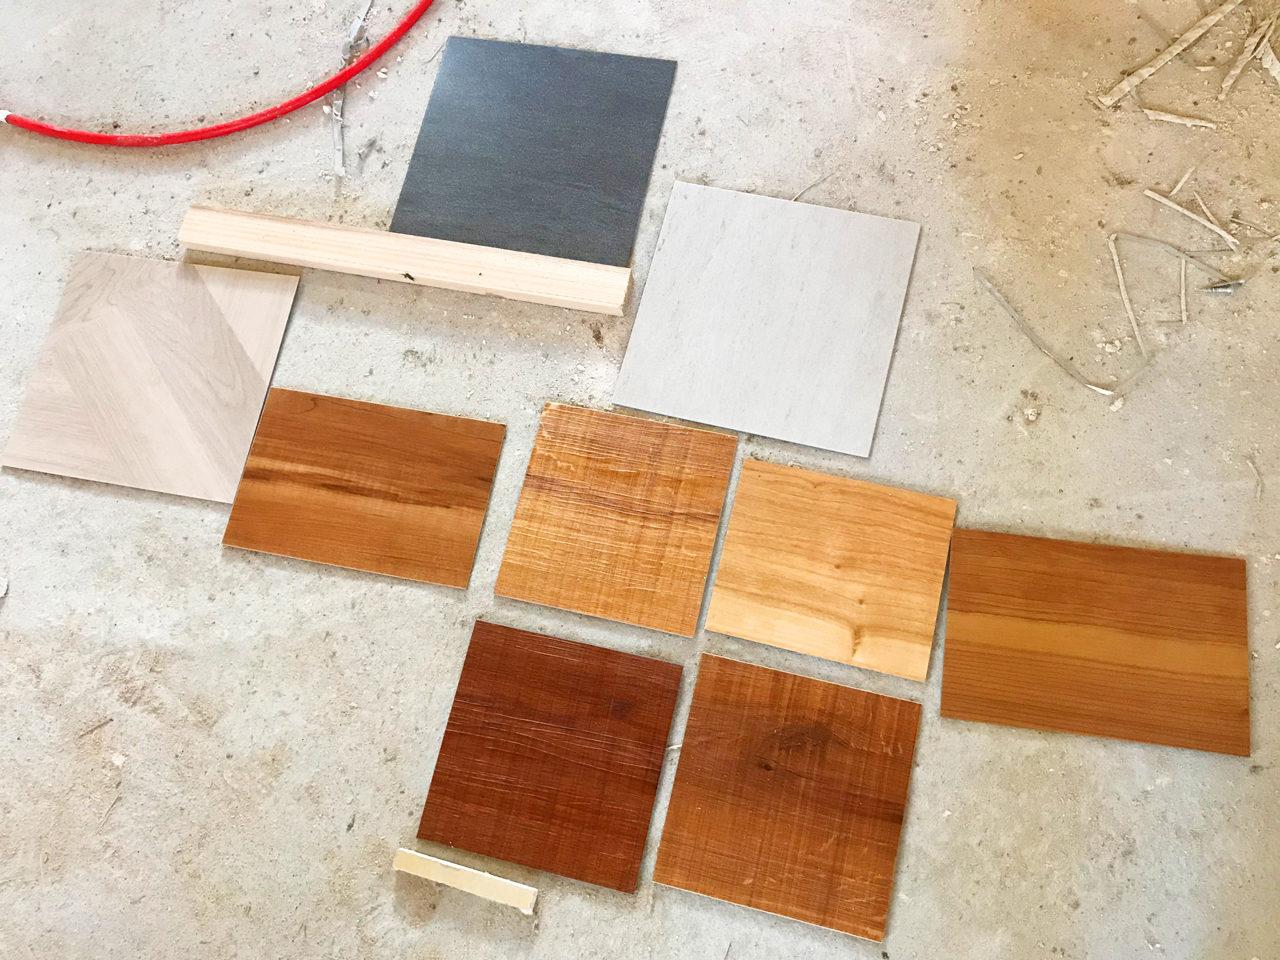 設計・デザインをさせていただいた注文住宅の床材の打ち合わせ